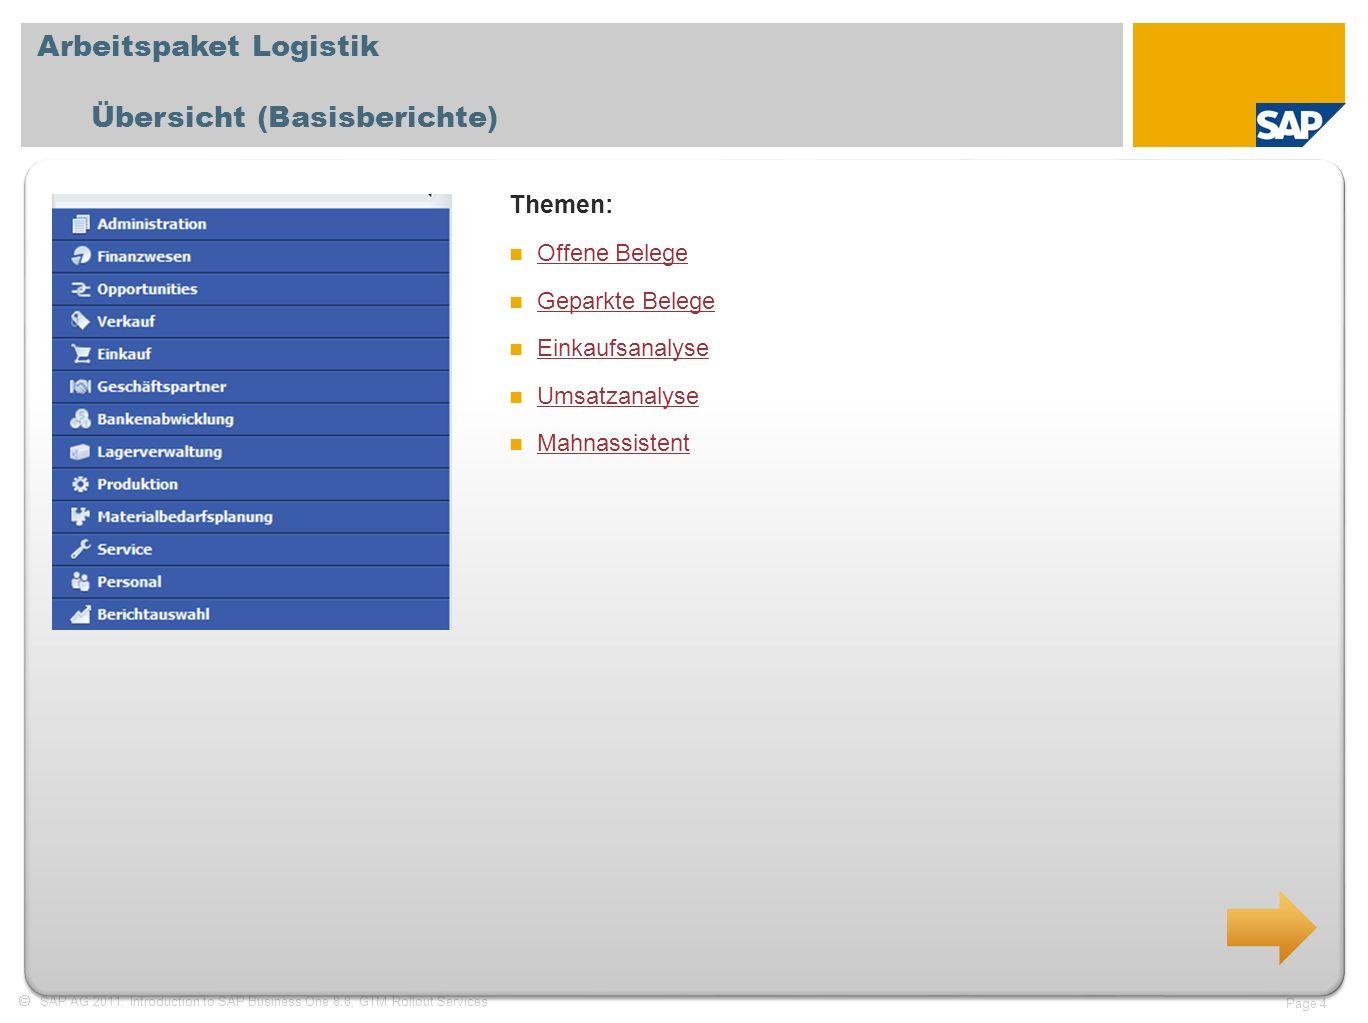 Arbeitspaket Logistik Übersicht (Basisberichte)